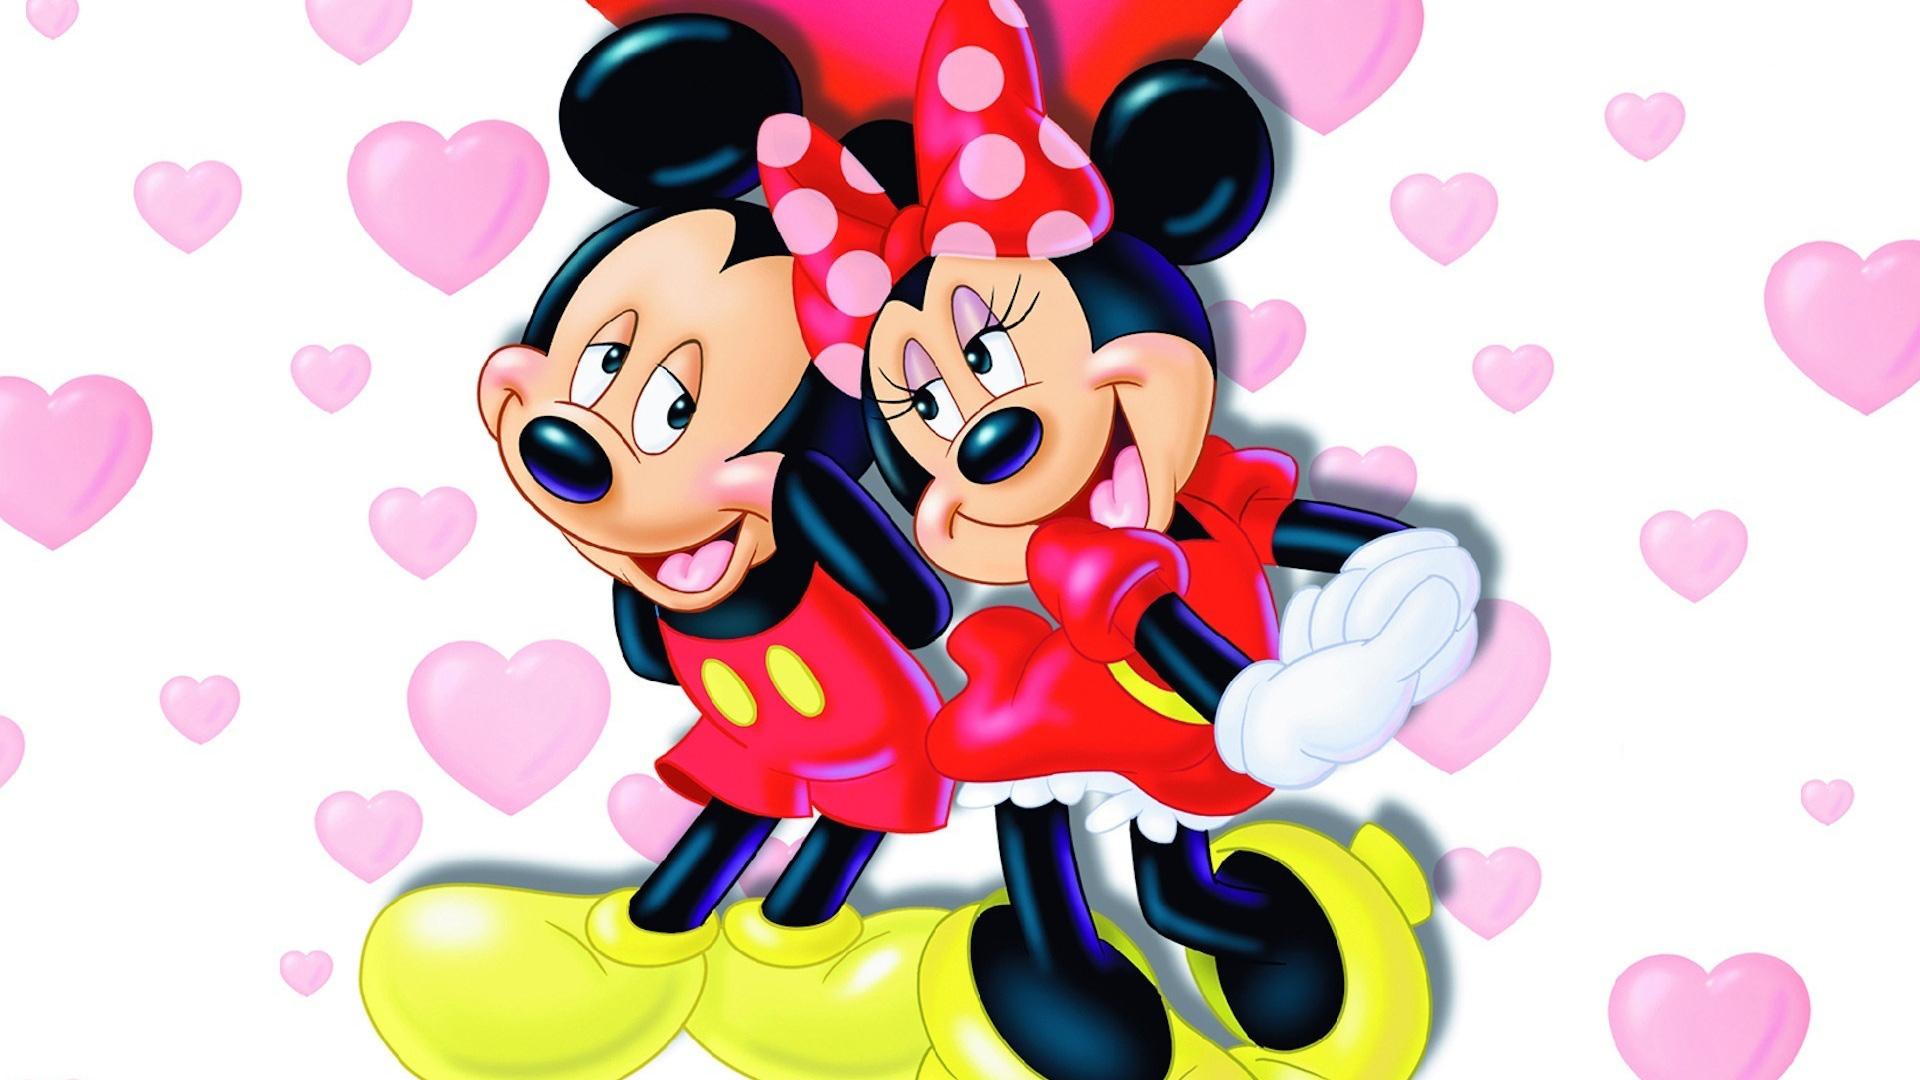 Minnie Mouse Desktop